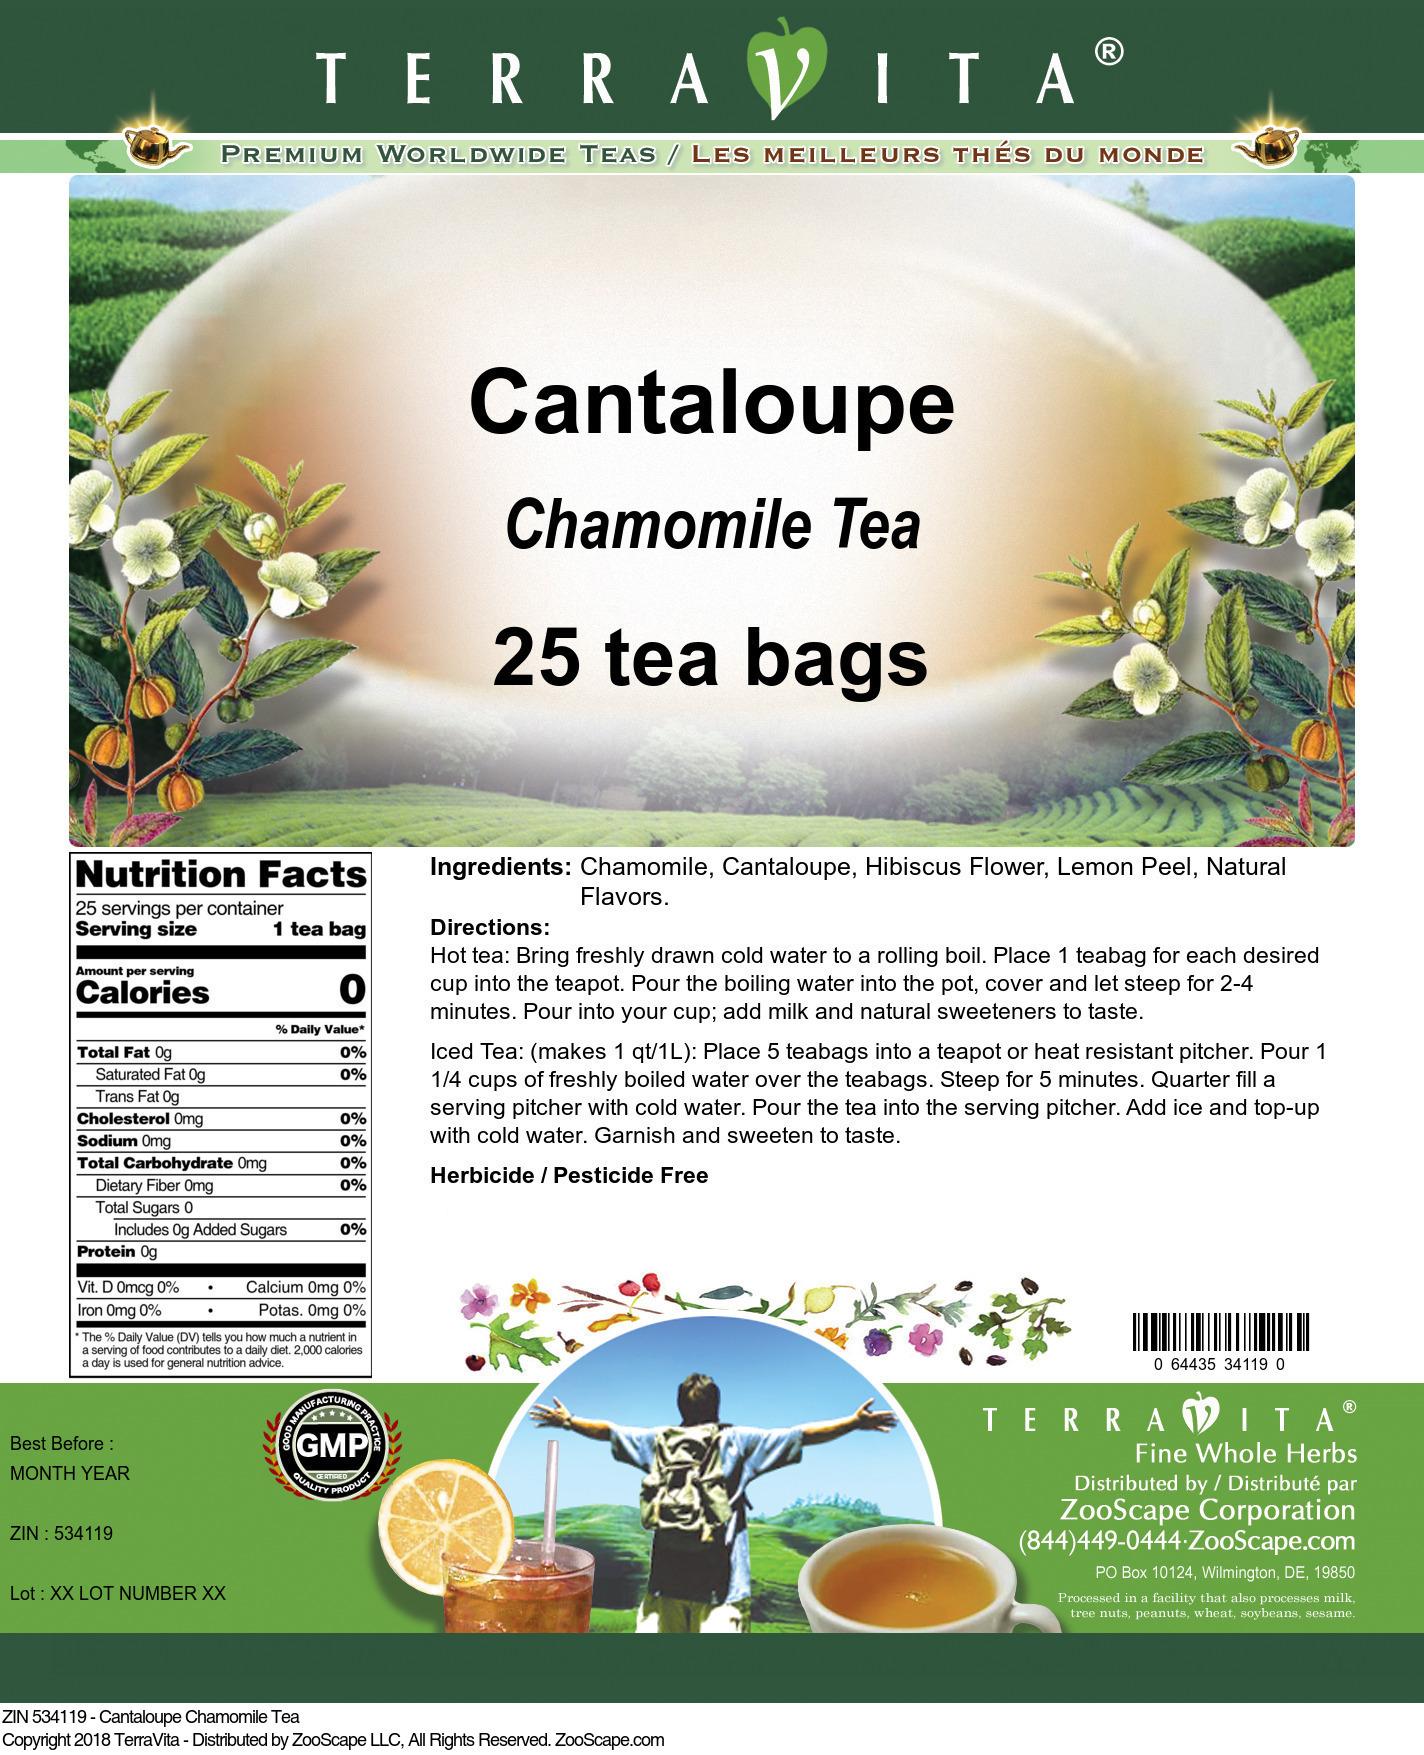 Cantaloupe Chamomile Tea